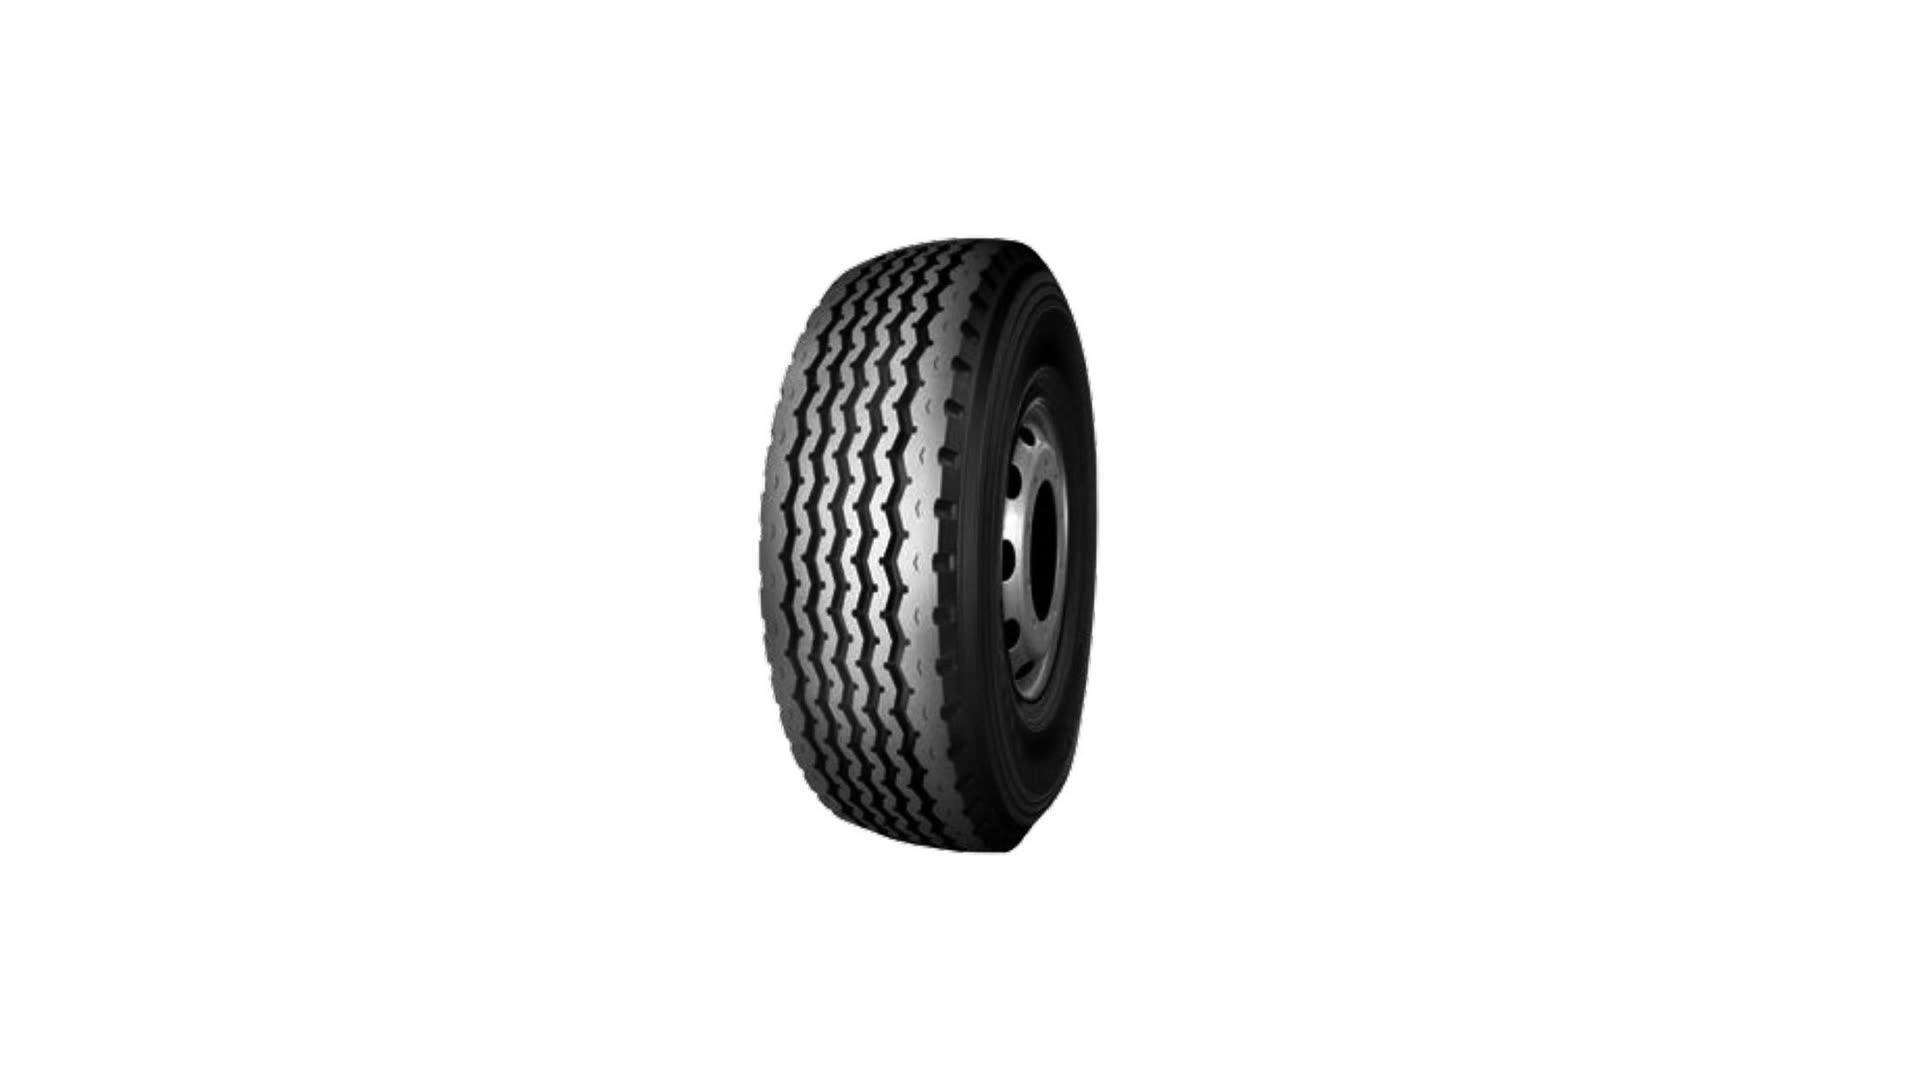 Fabriek groothandel prijs tubeless Radial truck tyre 11R22. 5-16